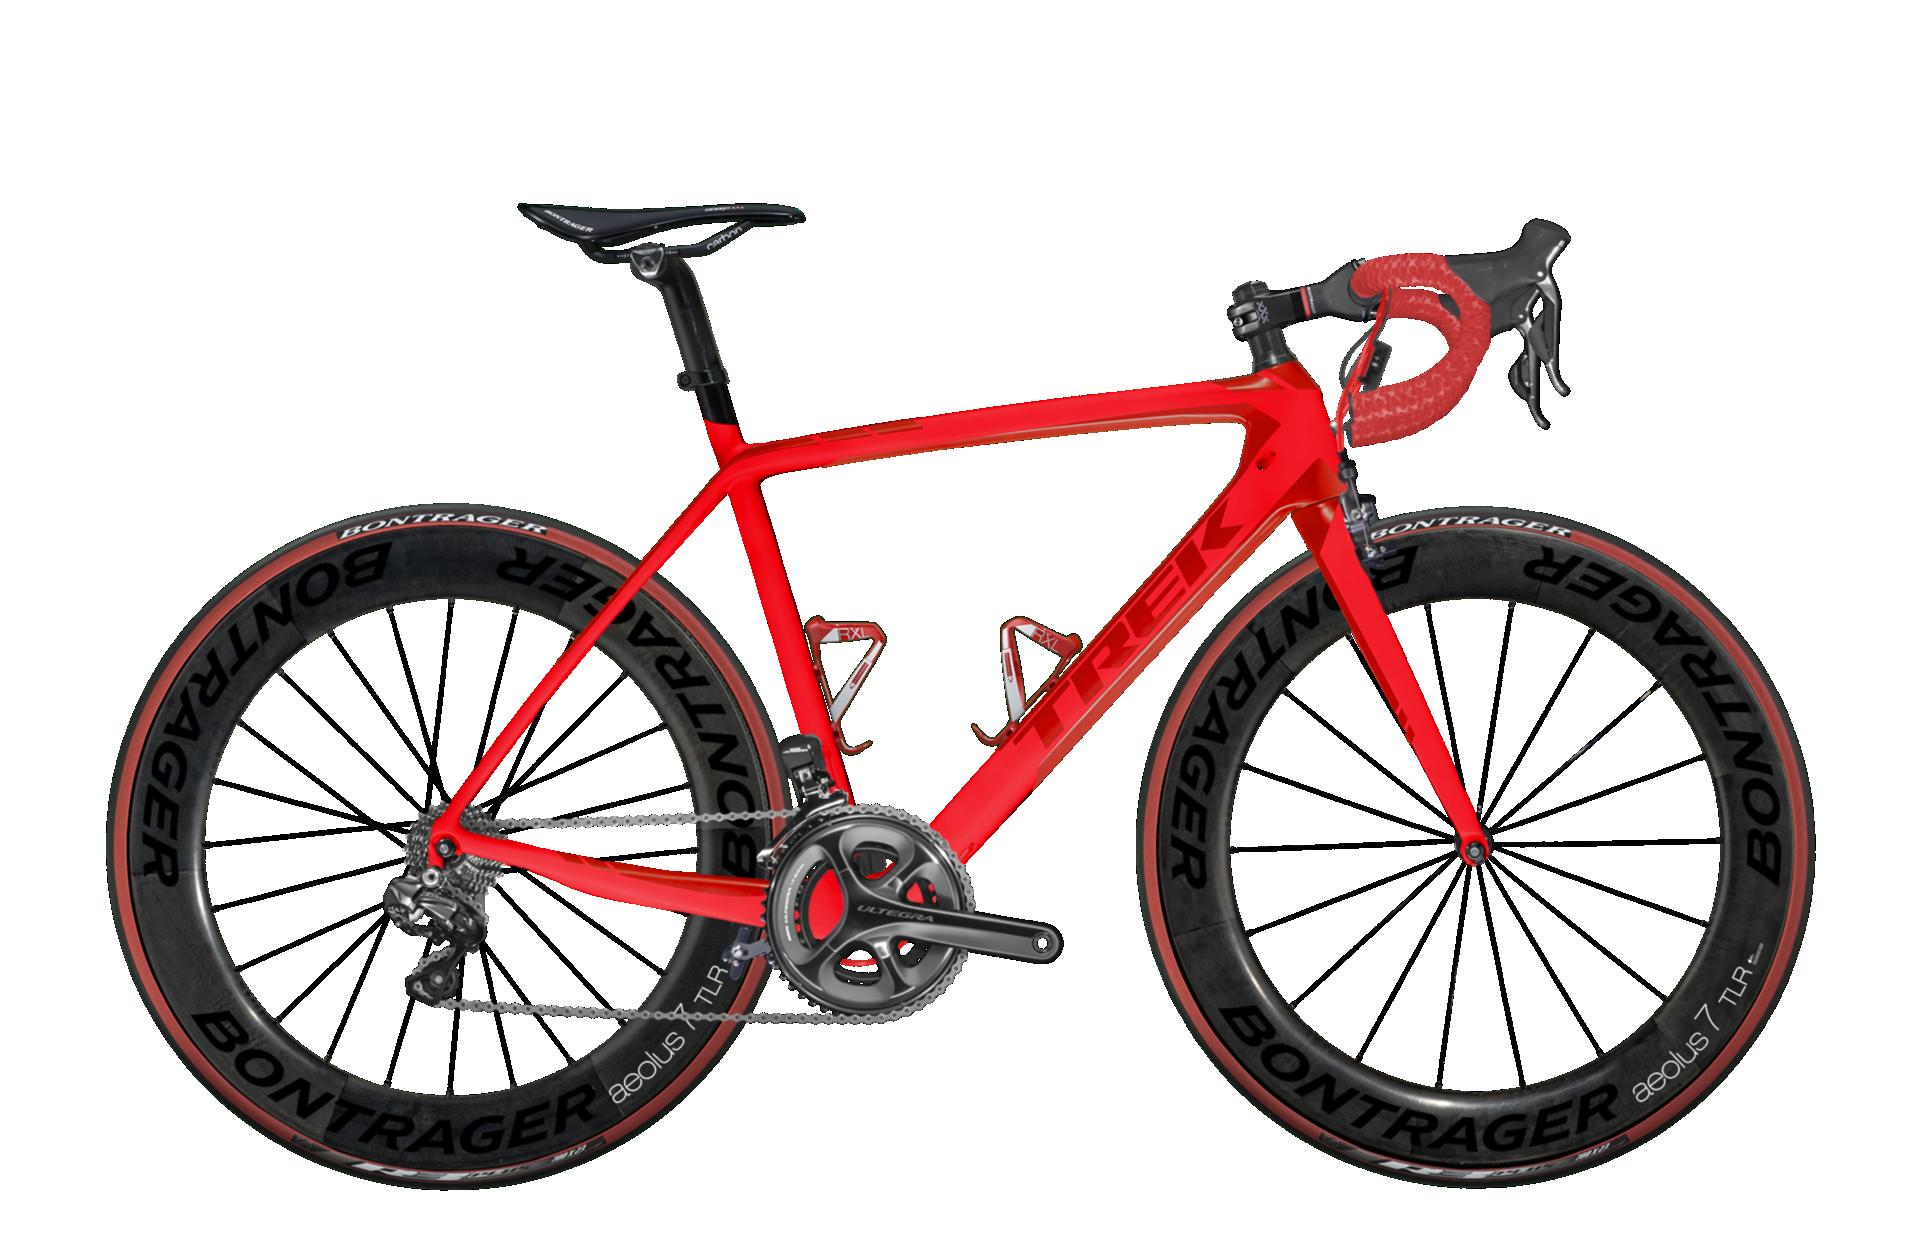 Madone 7 Project One Trek Bikes Trek Bikes Trek Bicycle Bicycle